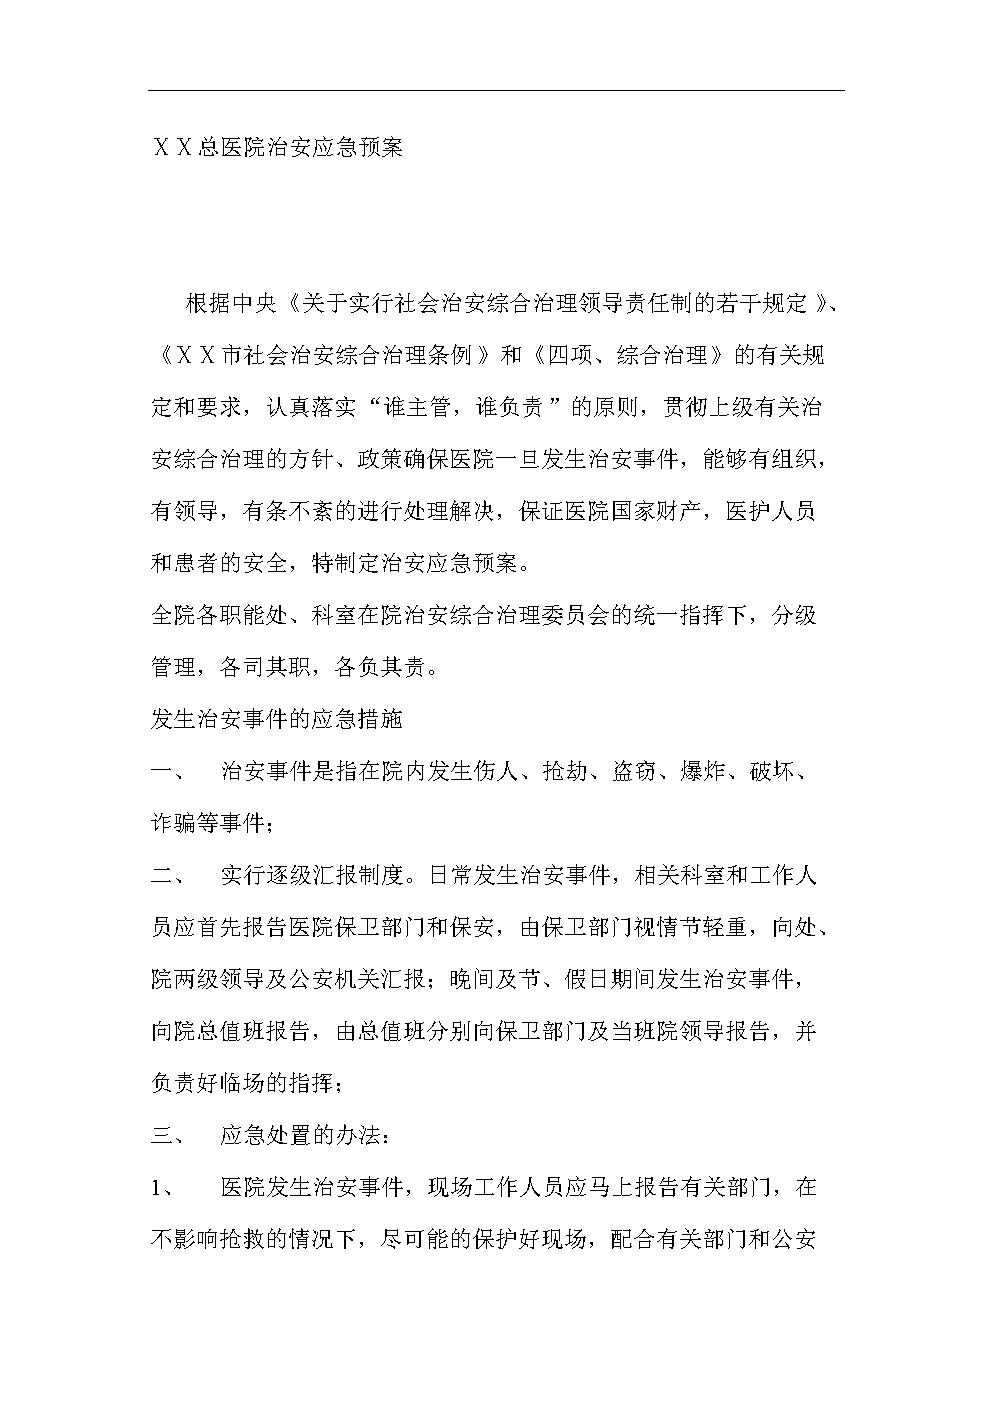 医院治安应急预案.doc